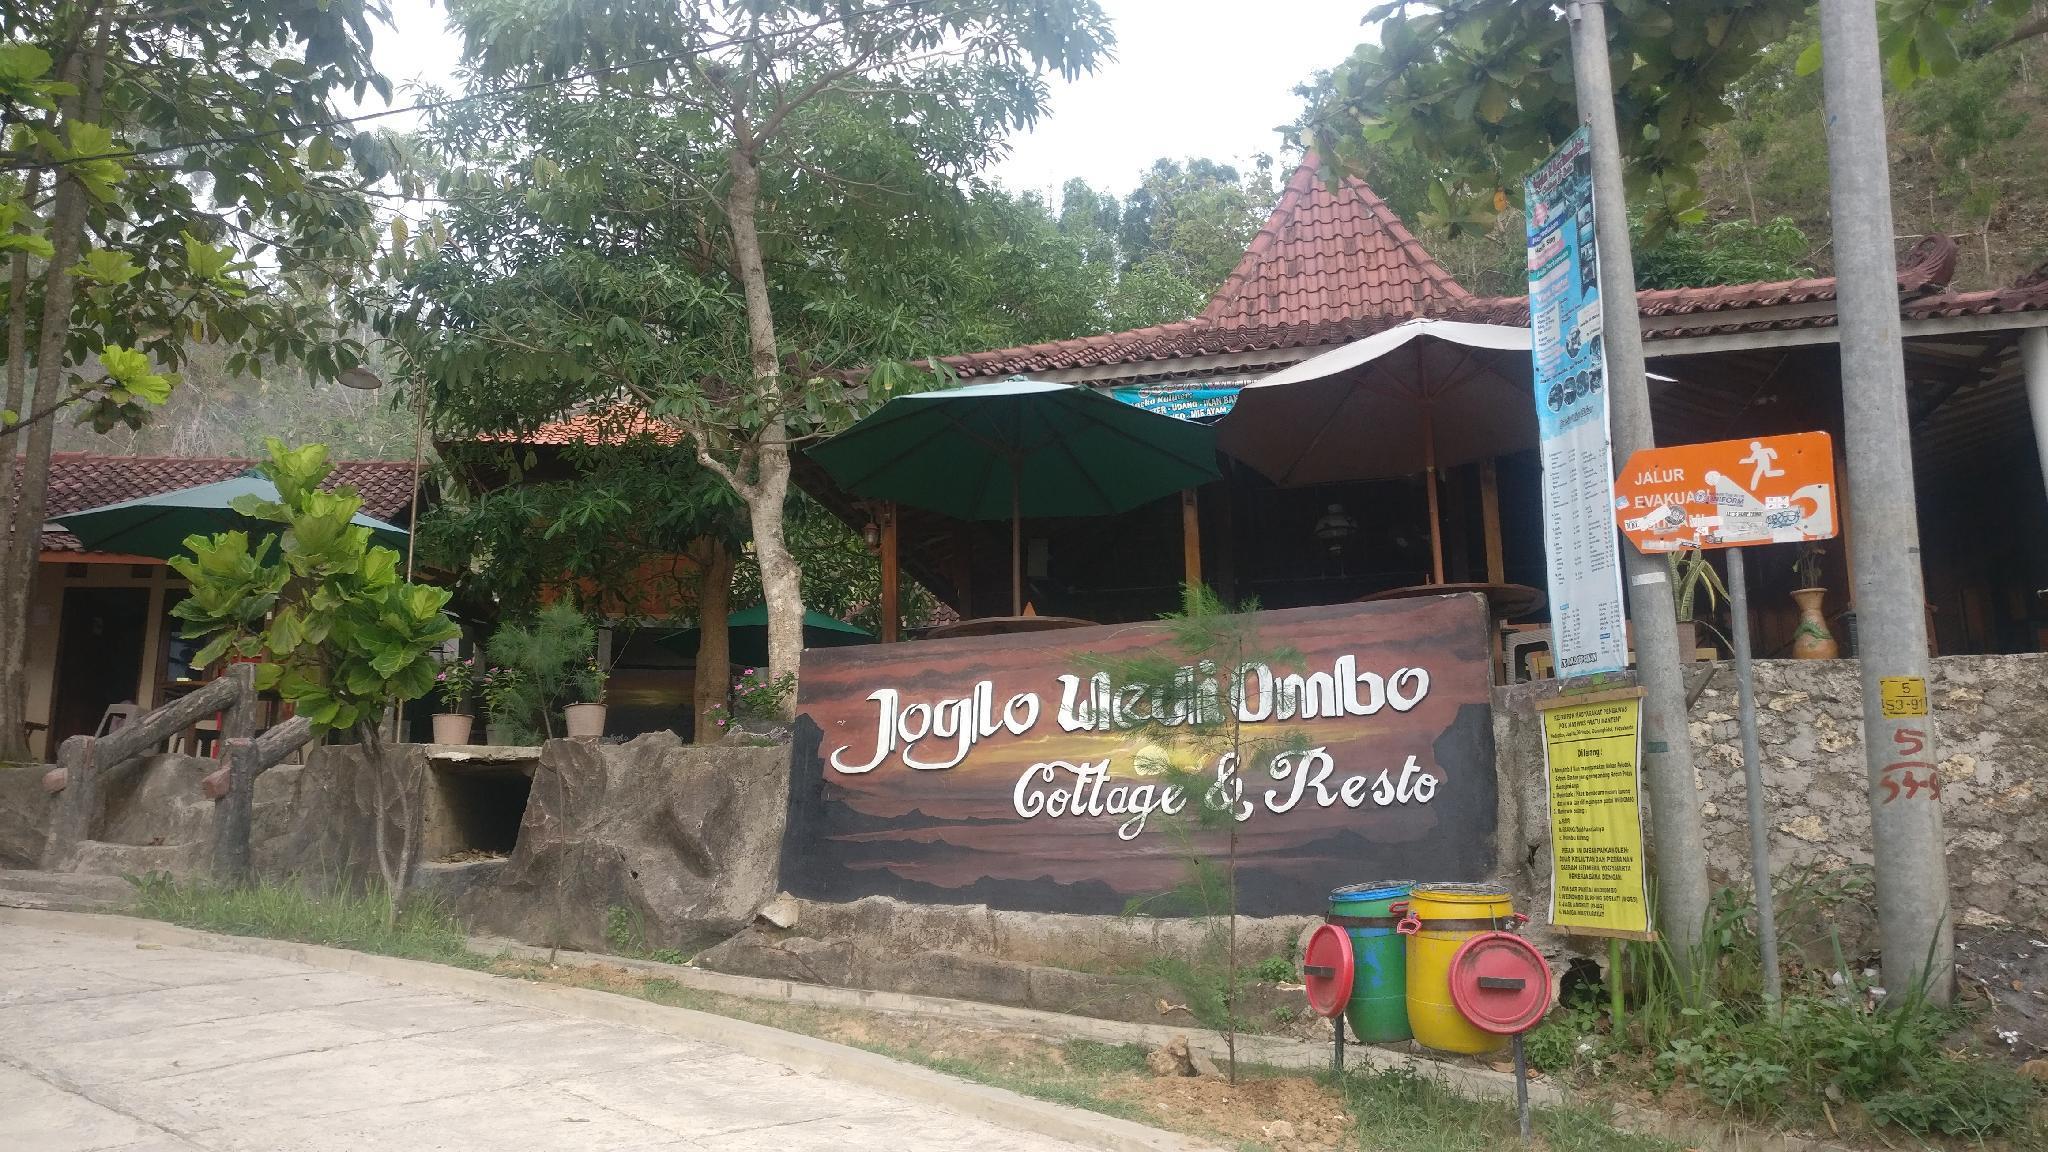 Joglo Wedi Ombo Cottage And Resto